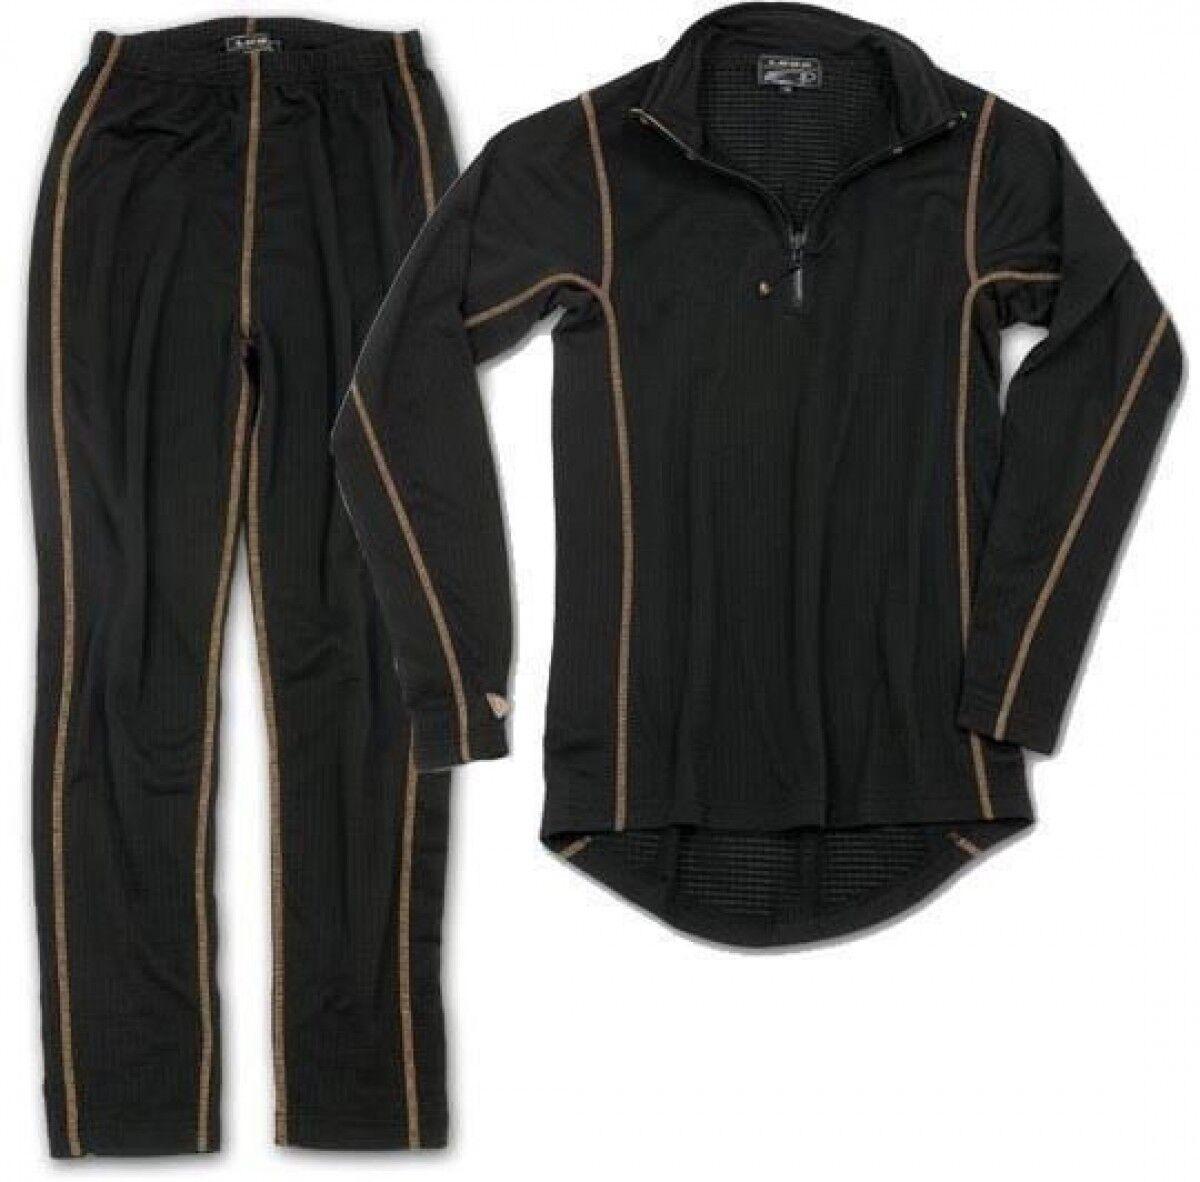 Conjunto  de 2 piezas de ropa interior de bucle Waffle De los hombres XXL  envío gratis